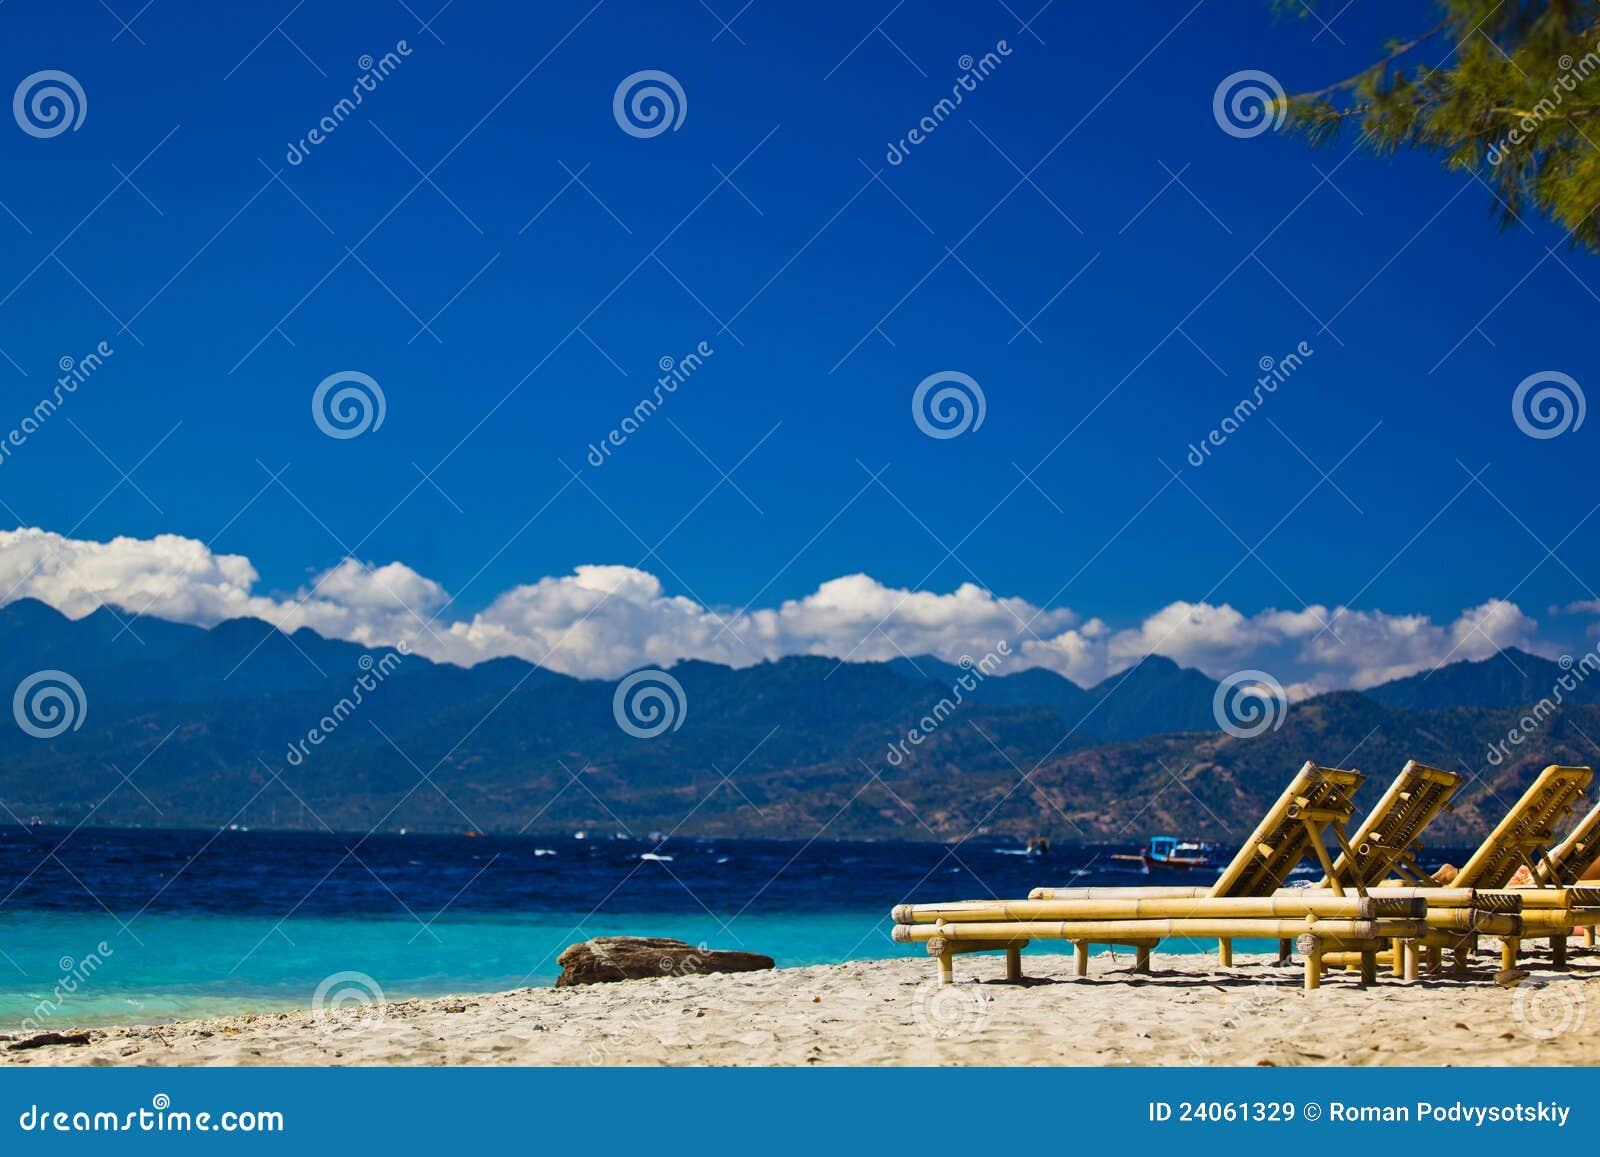 Chaise-longue at the beach.